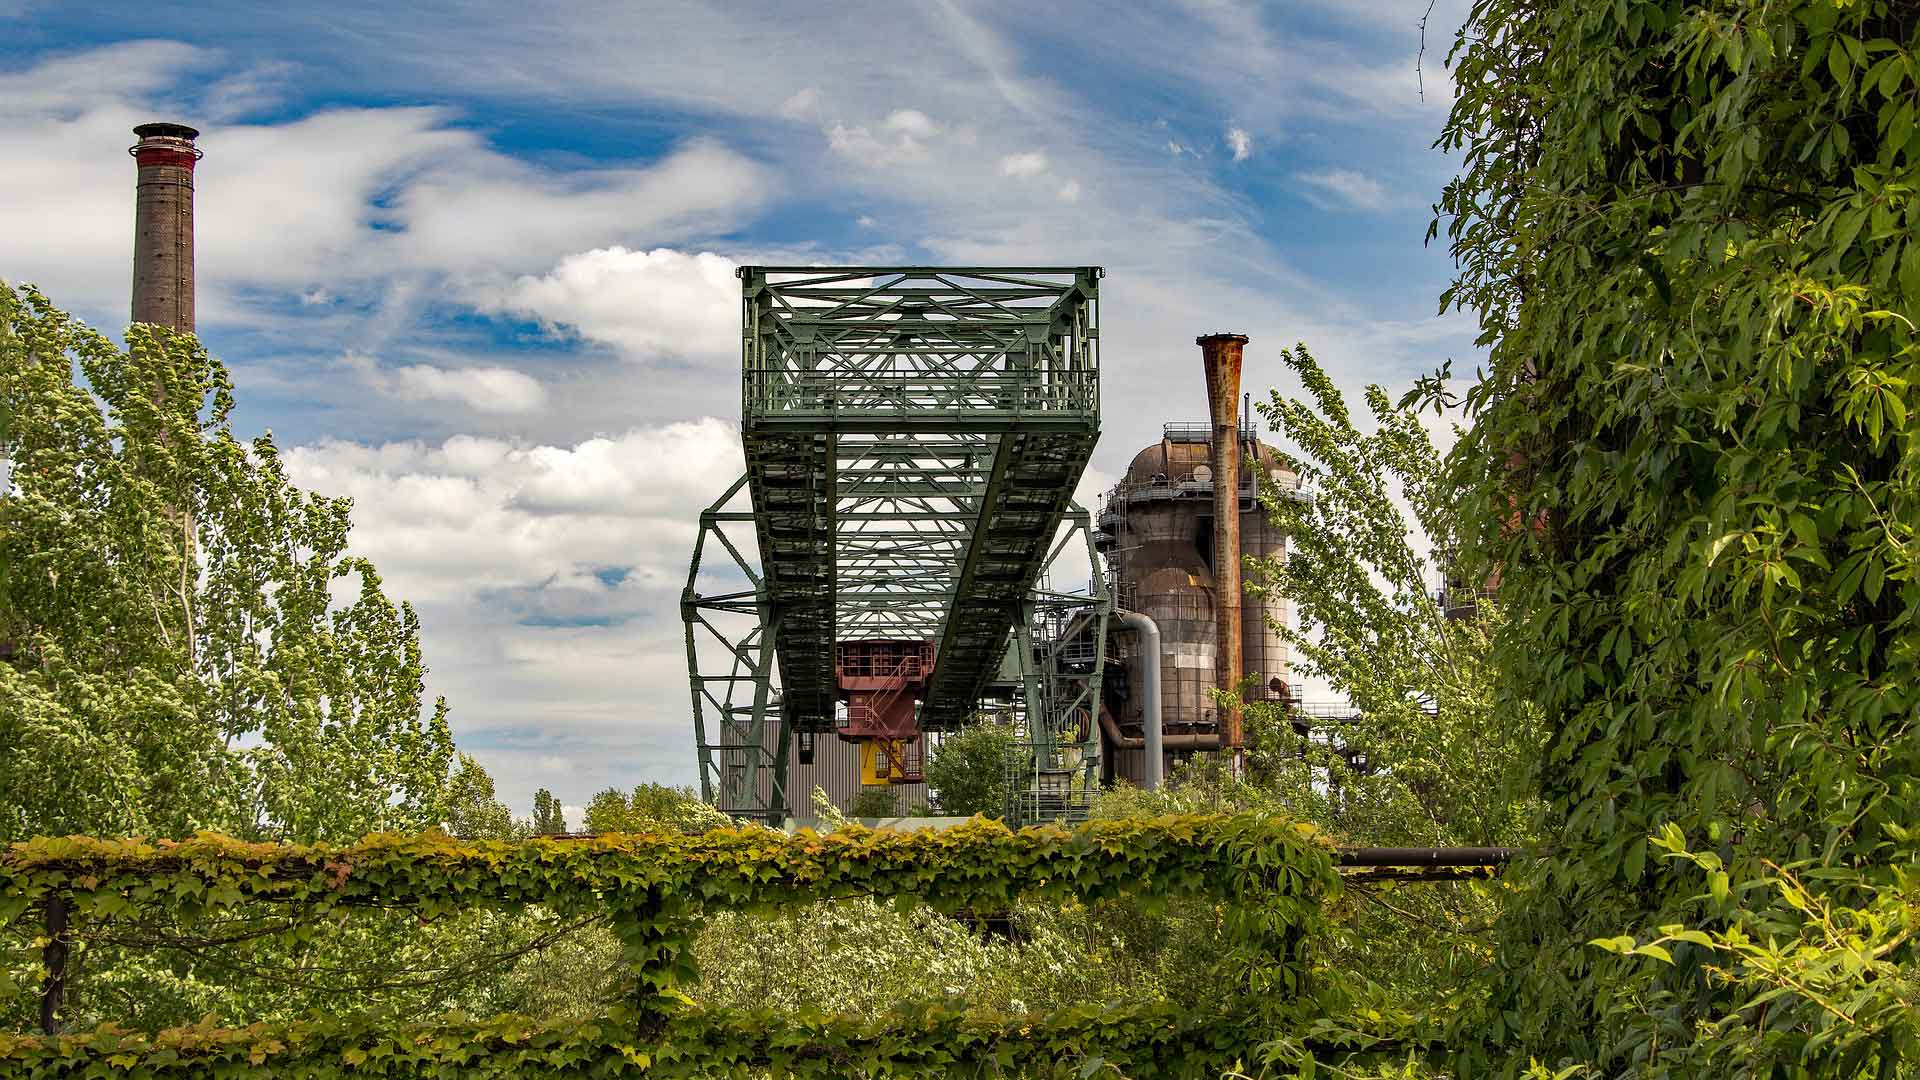 Een rondleiding door het Landschaftspark Duisburg Nord is in de reis inbegrepen.